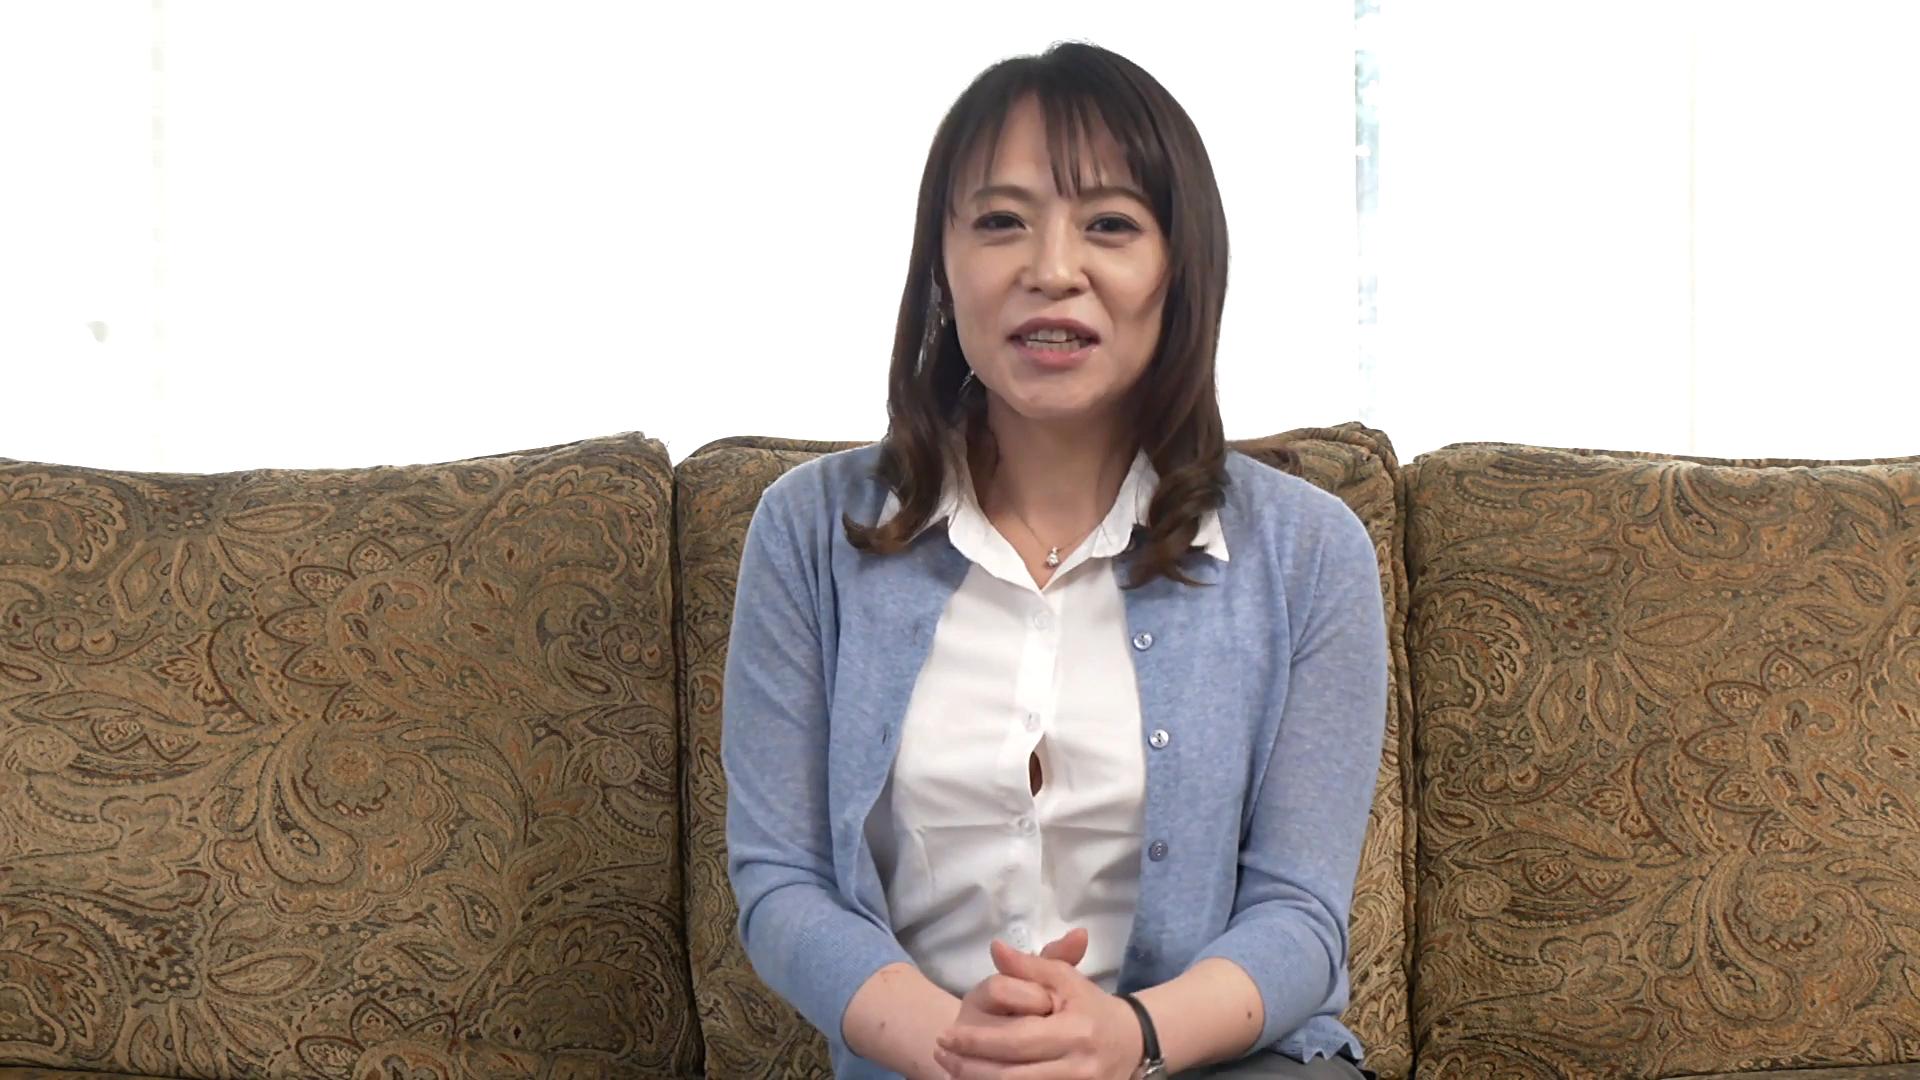 石川美恵子 47歳(初脱ぎ・デビュー作/結婚18年目/神奈川県在住)